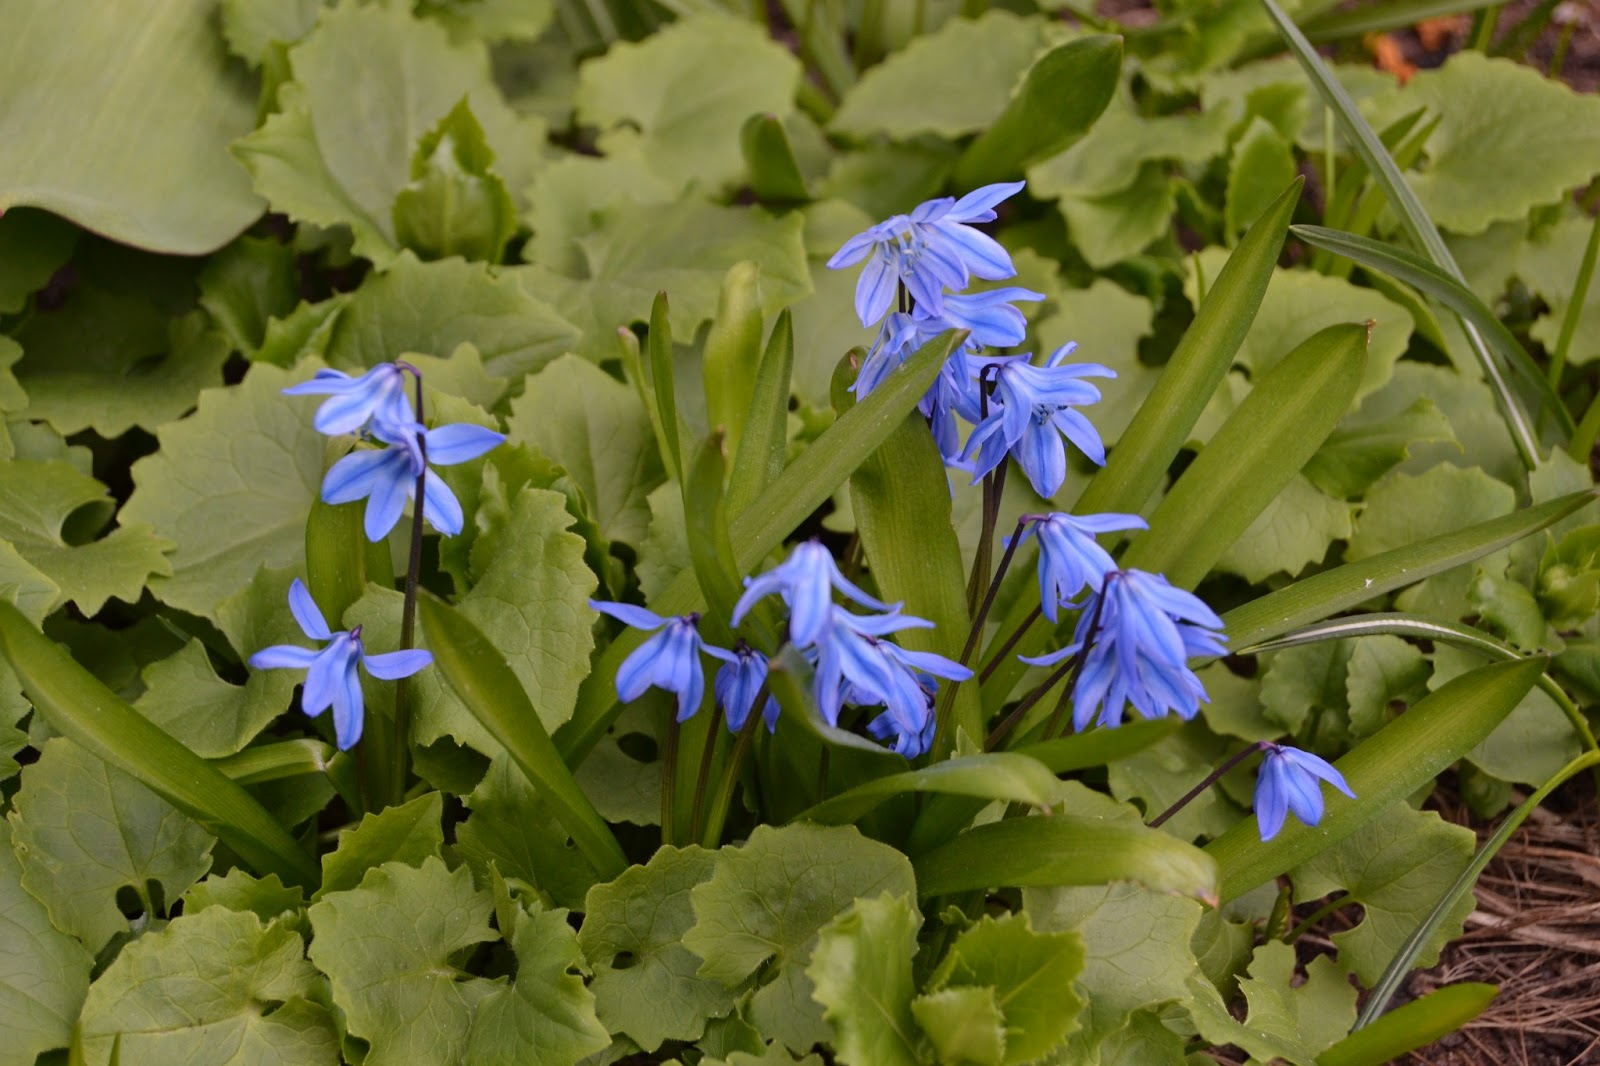 Keväinen puutarha – Vernal garden